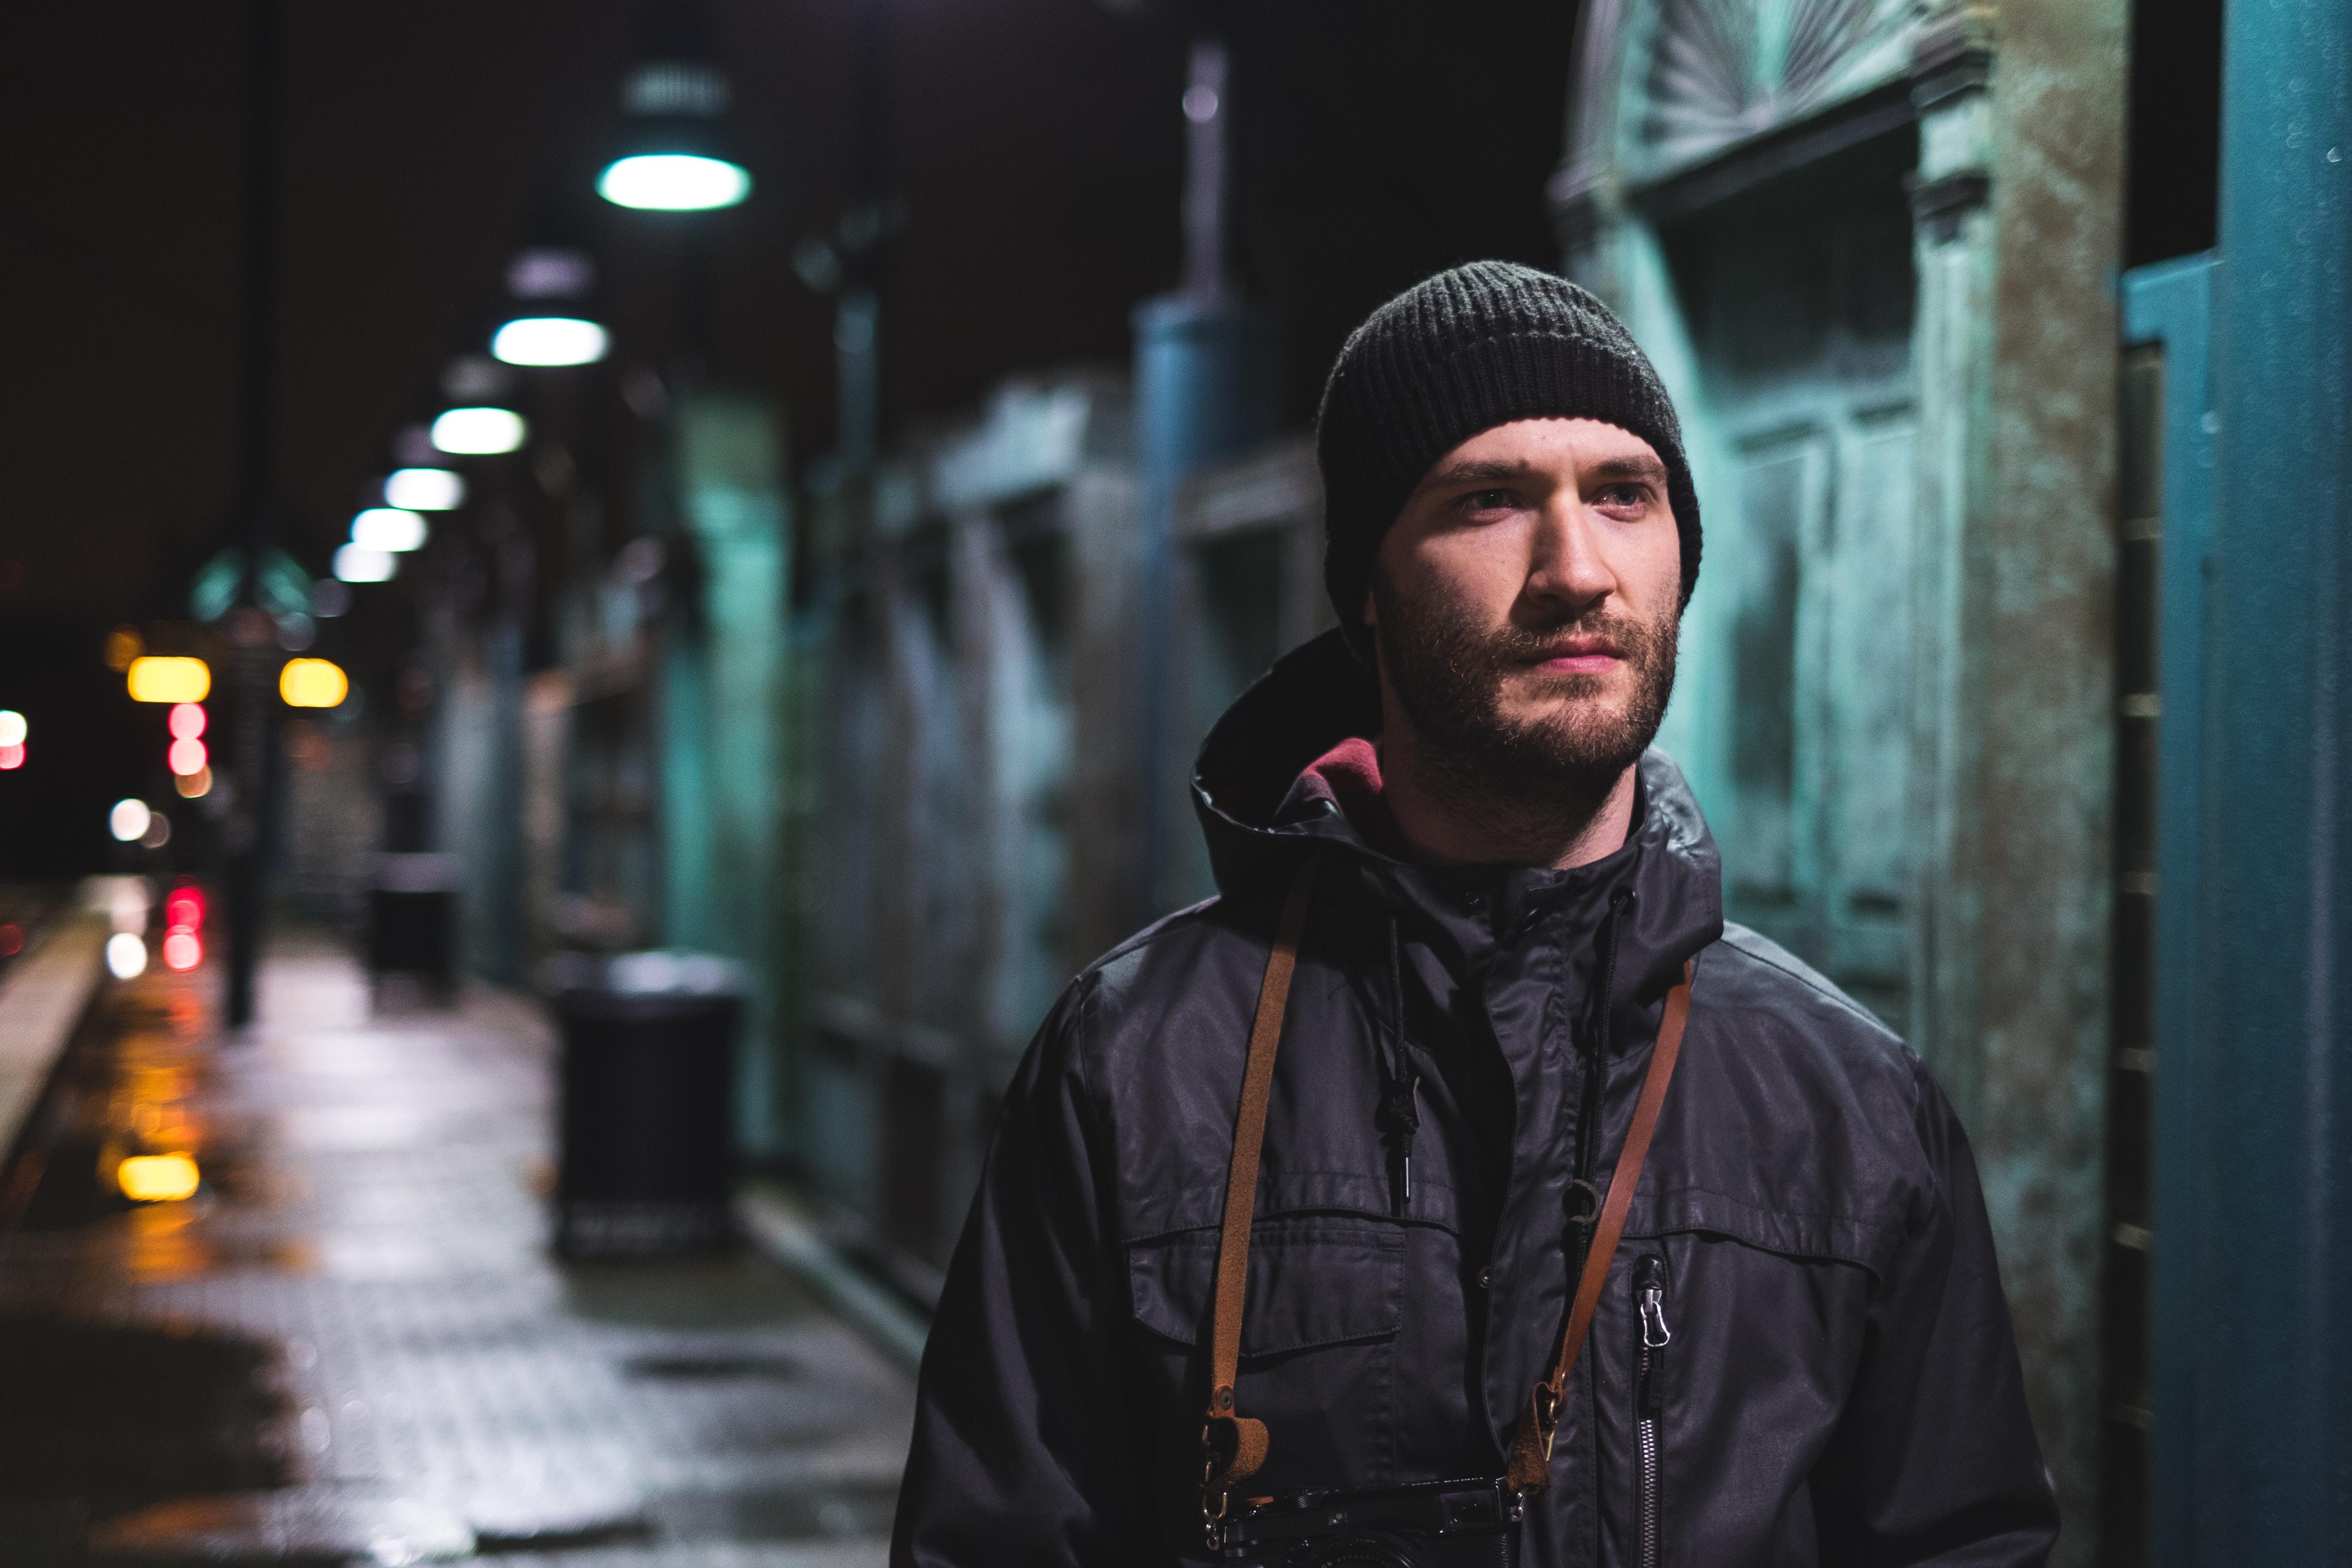 retrato de um homem a noite em um lugar com luzes